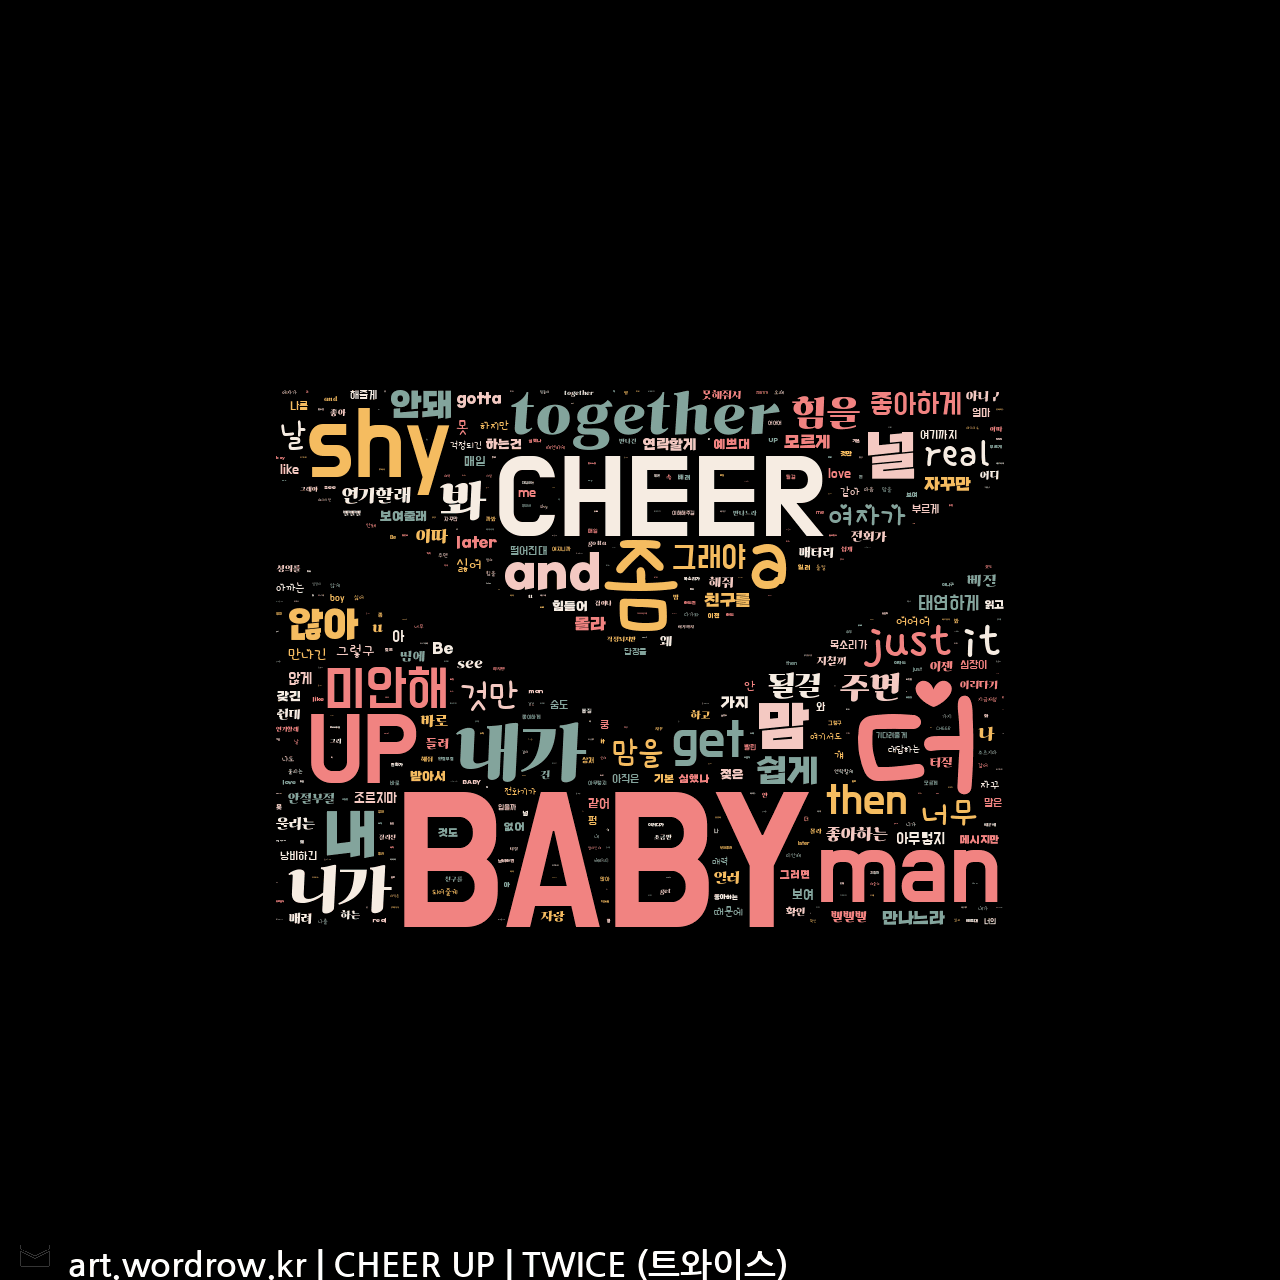 워드 아트: CHEER UP [TWICE (트와이스)]-6